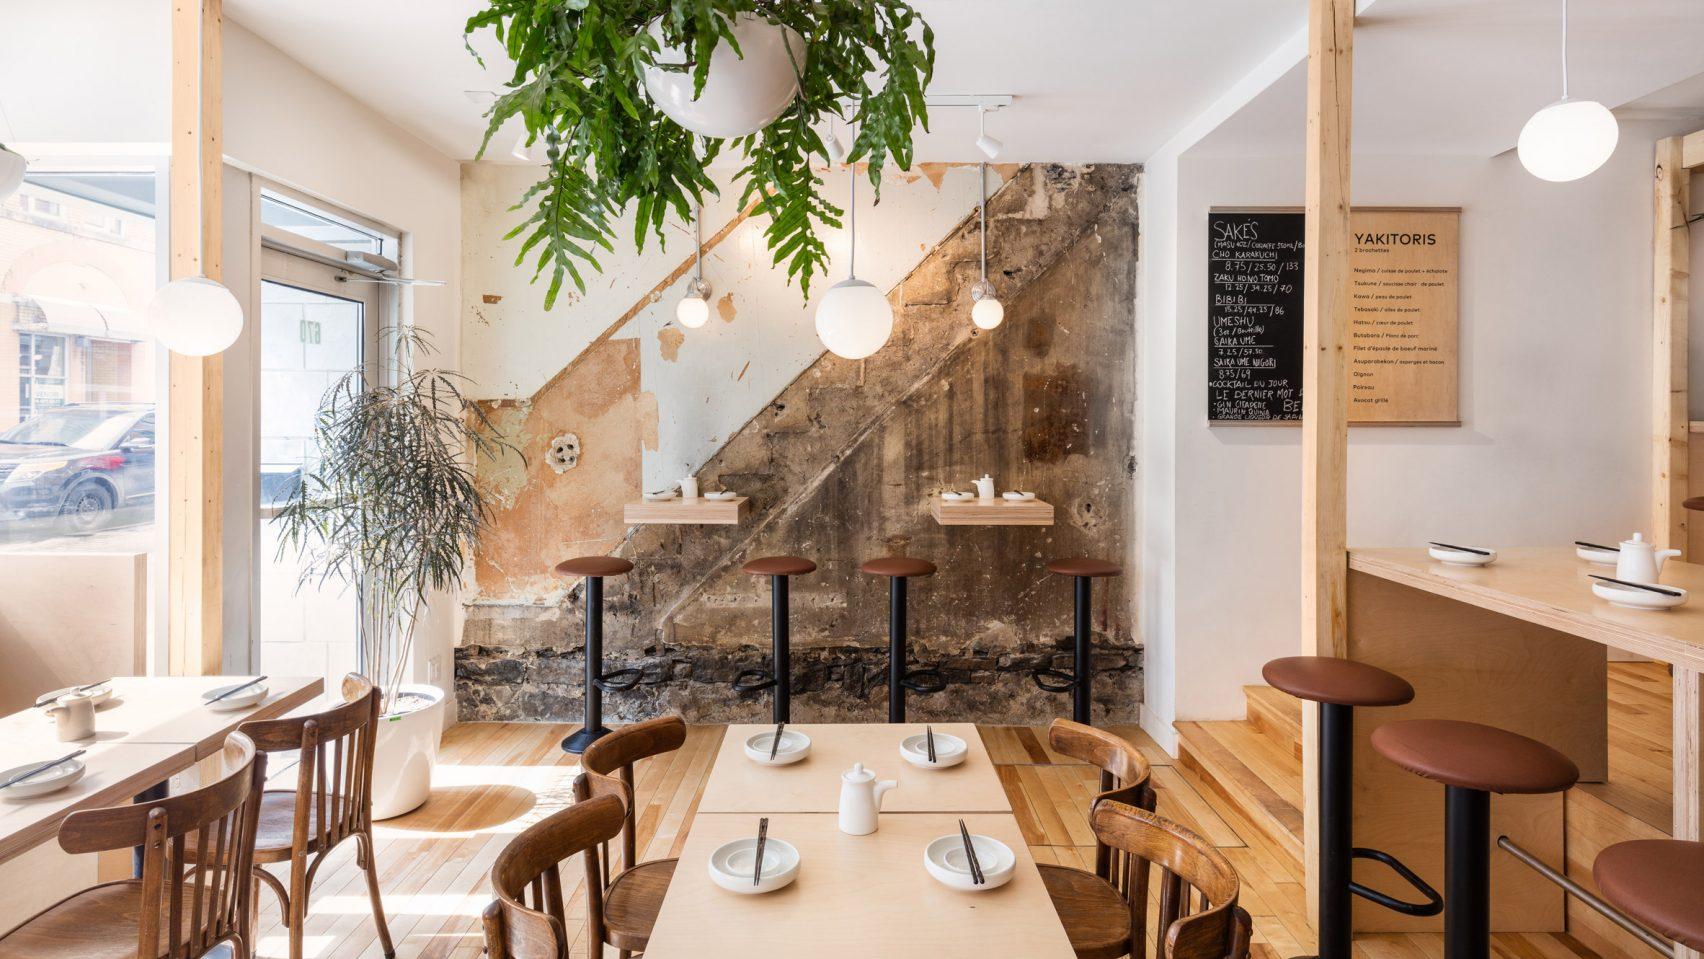 Hono Izakaya : un pub urbain japonais alliant sobriété et matériaux bruts